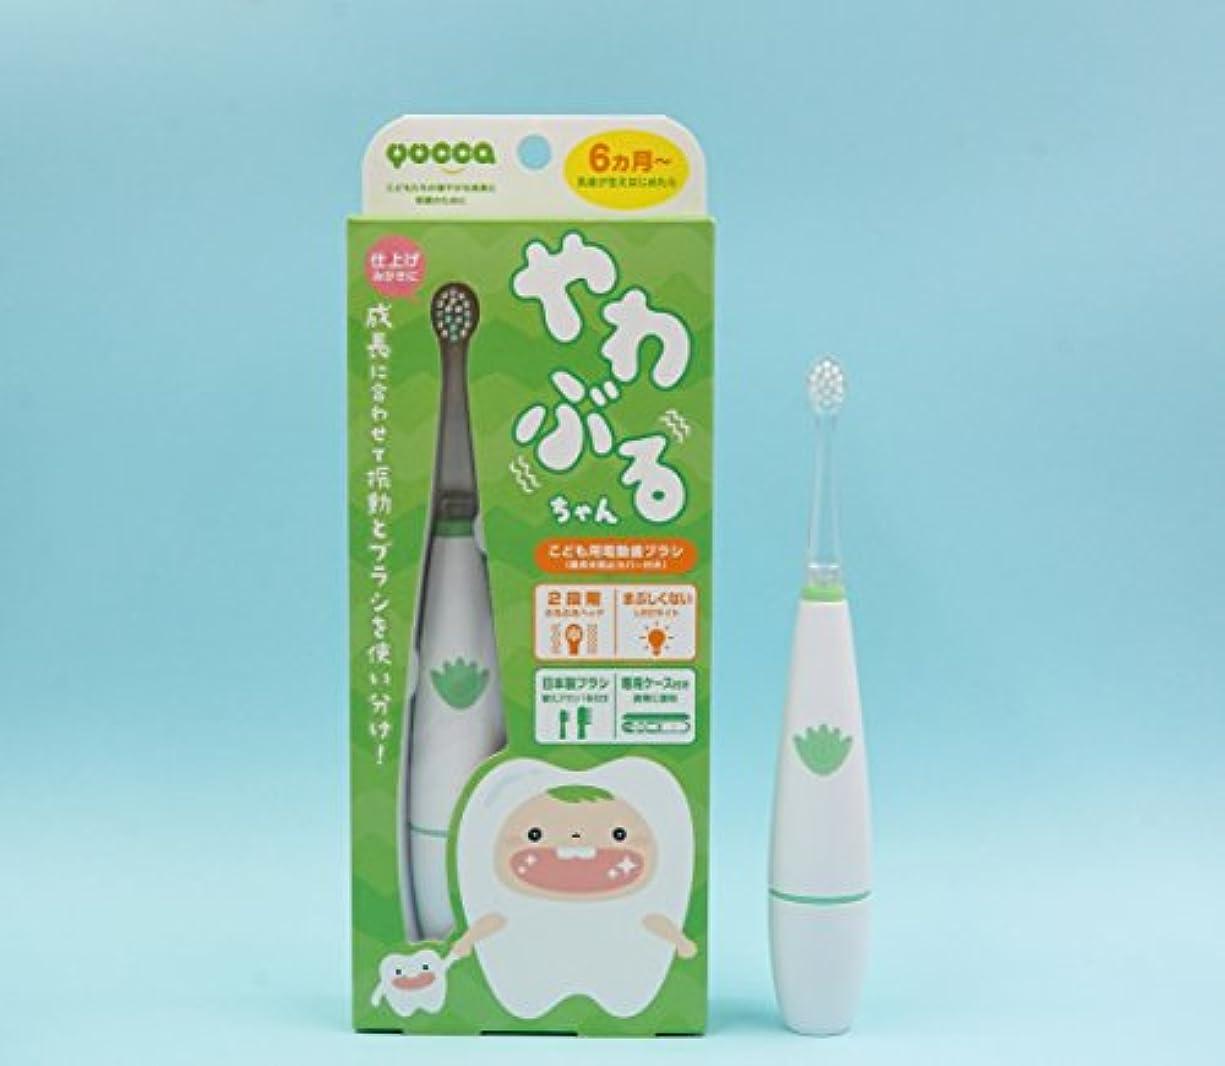 パテ冷えるスクリーチやわぶるちゃん こども用電動歯ブラシ